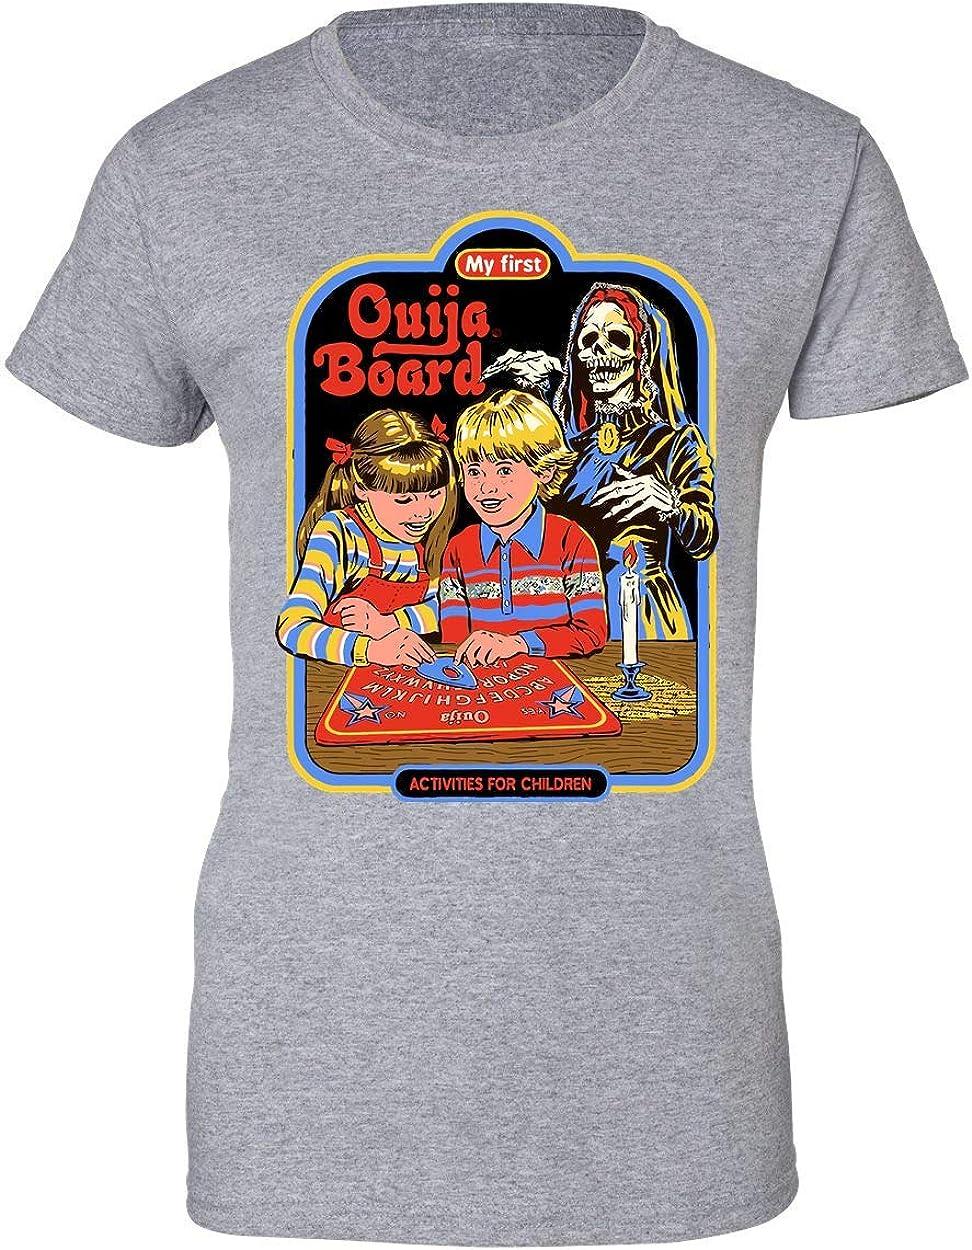 BakoIsland Ouija Board Retro Vintage Poster Design Camiseta de Mujer: Amazon.es: Ropa y accesorios